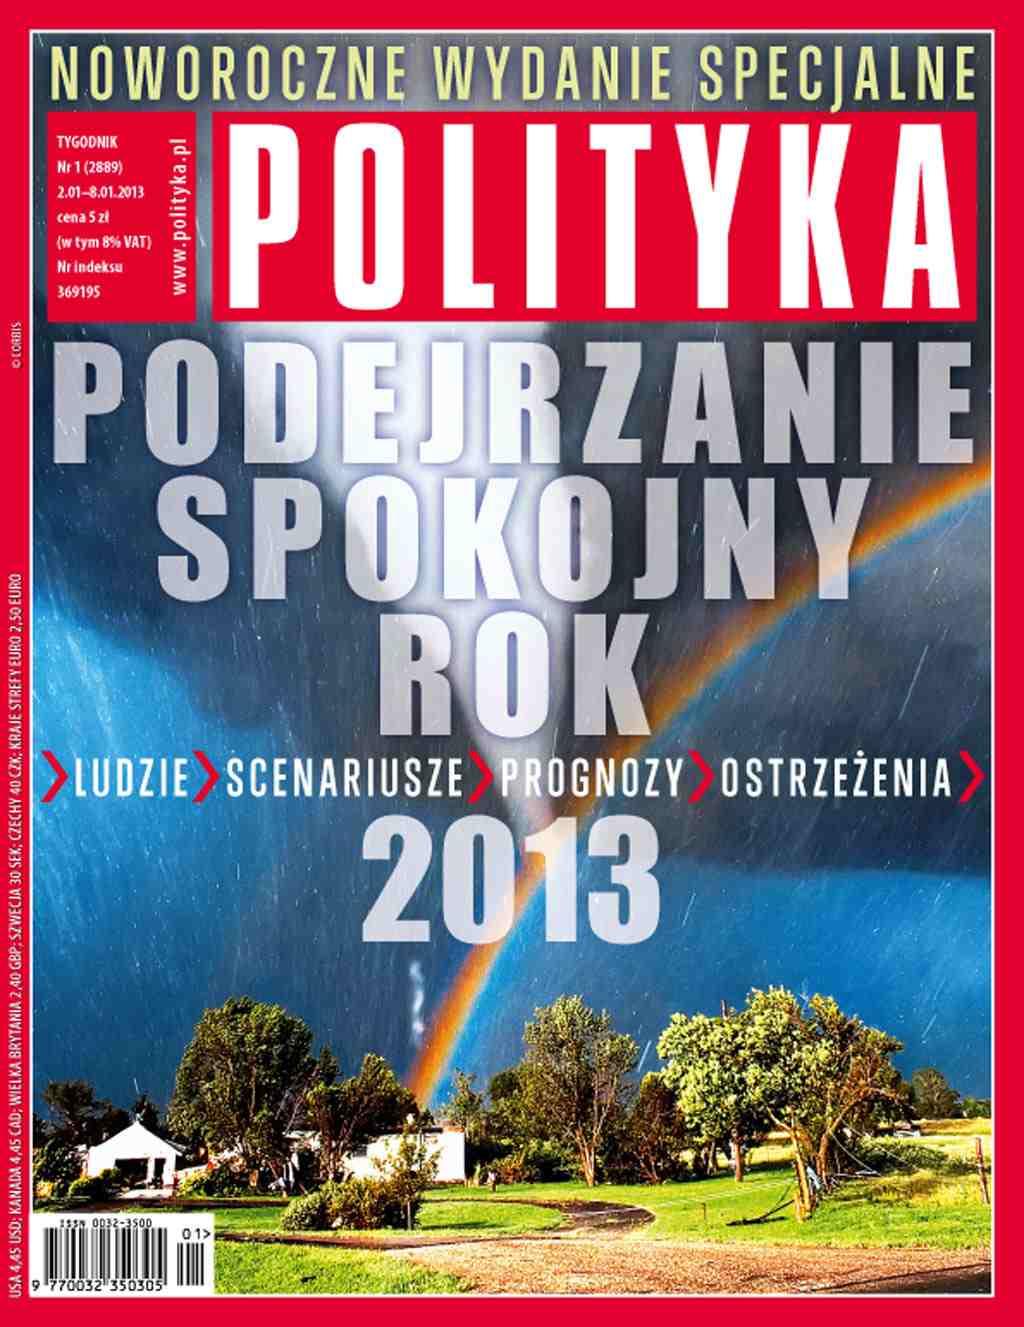 Polityka nr 1/2013 - Ebook (Książka PDF) do pobrania w formacie PDF